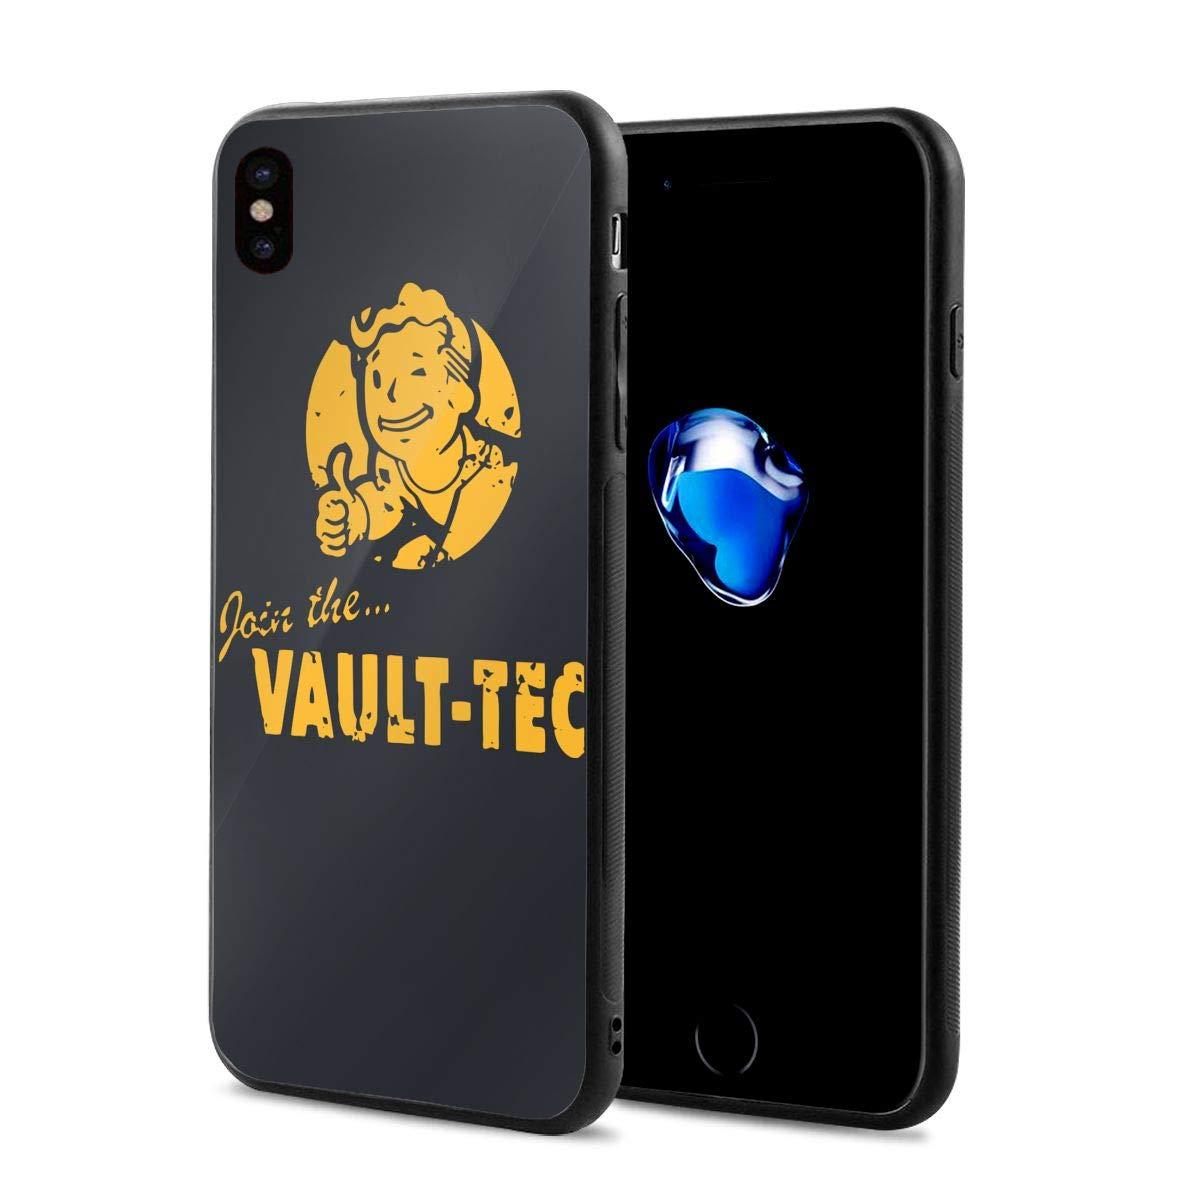 d36b1051e7 Amazon   IPhone X ケース フォールアウト ゲーム ヴォールトテック ロゴ 耐水、防指紋 耐衝撃 極薄 耐久 全面保護 アイフォン対応  高級感あり   ケース・カバー 通販